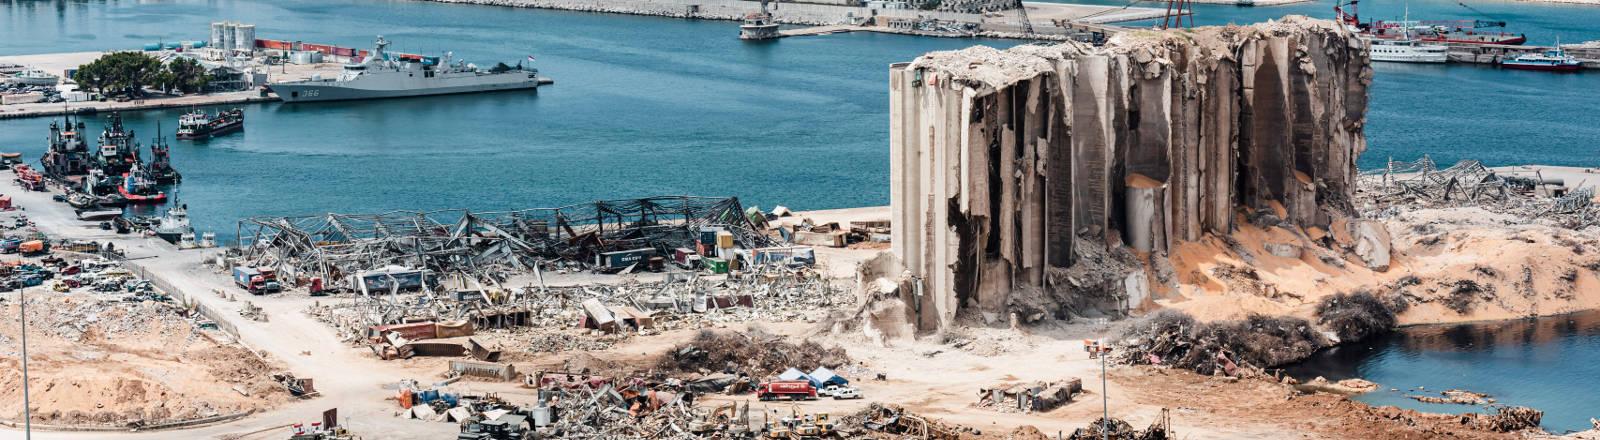 Der zerstörte Hafen in Beirut nach der Explosion